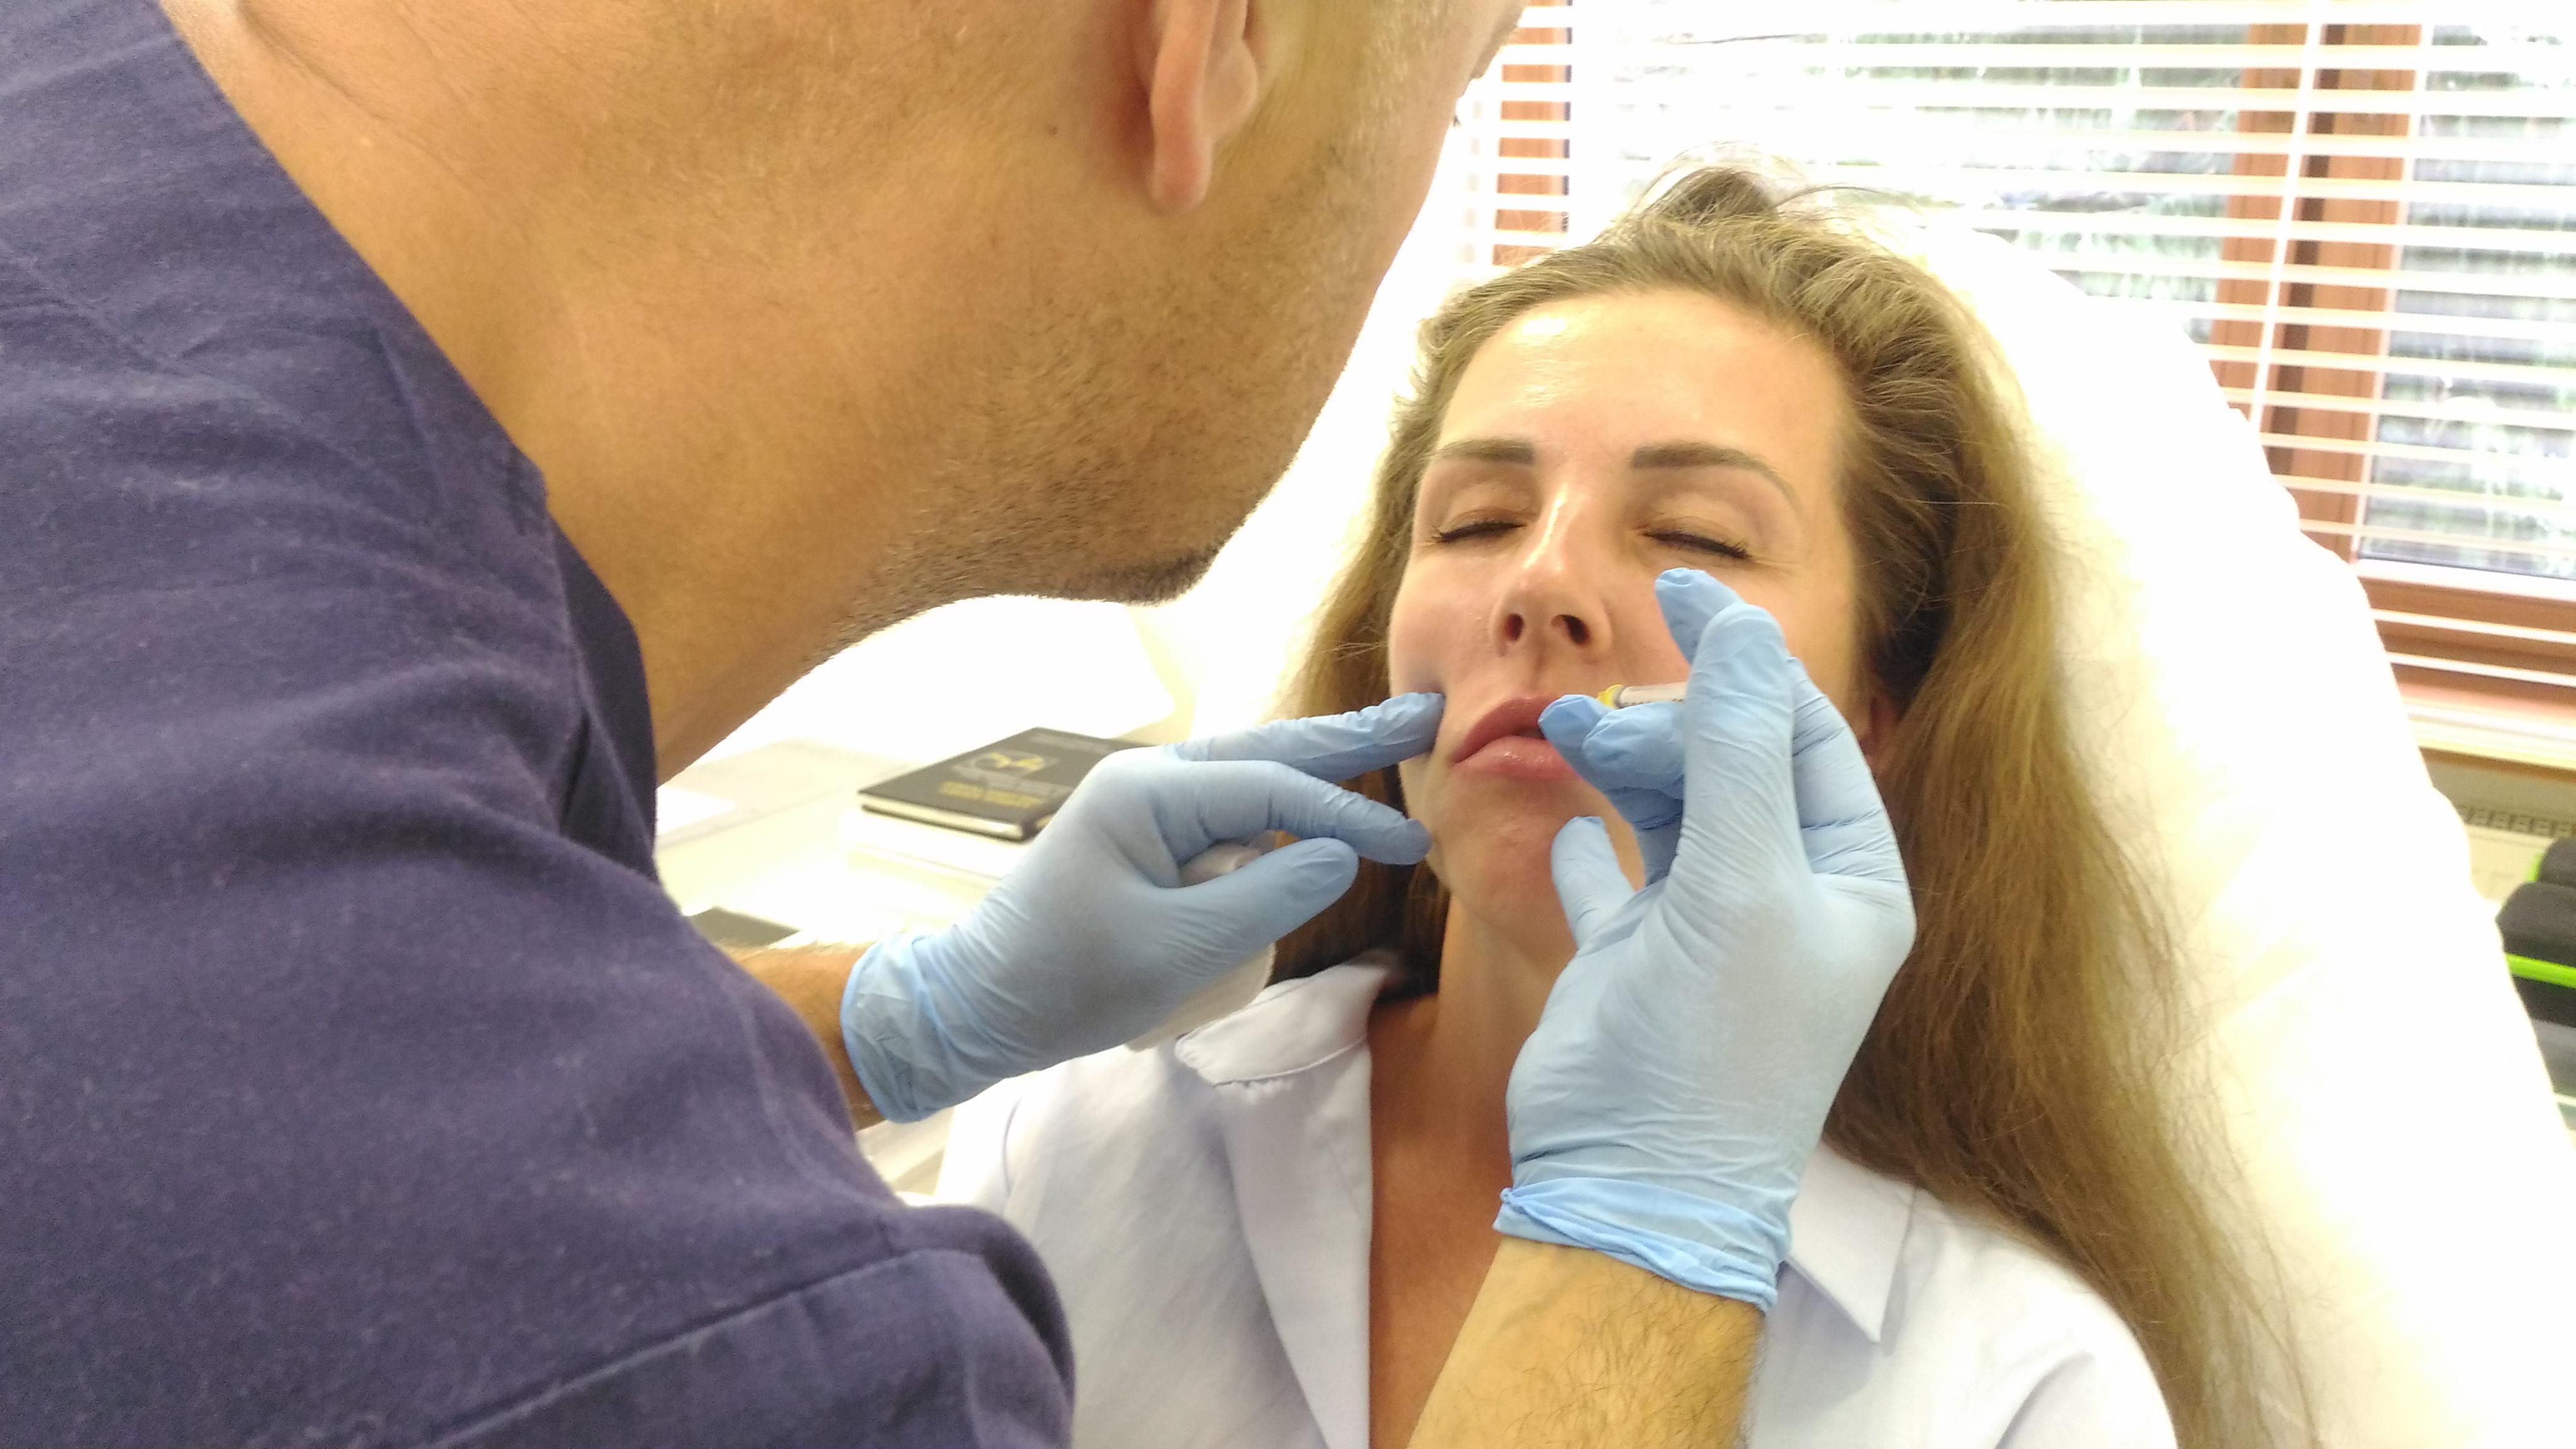 medycyna estetyczna,czy powiększanie ust boli